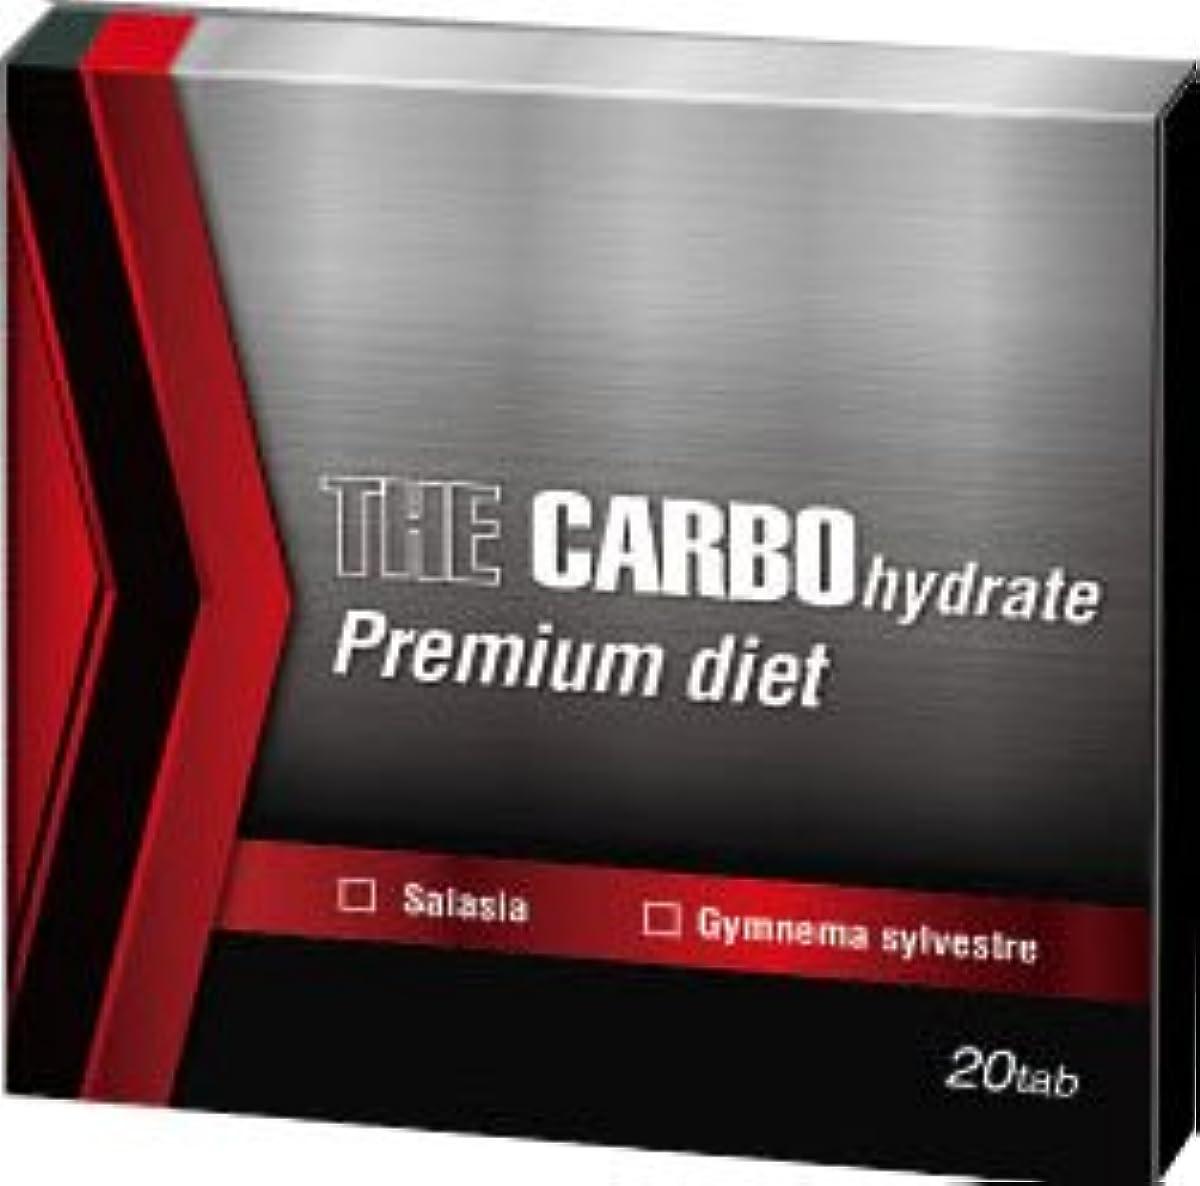 め言葉玉ねぎ海上ザ?糖質プレミアムダイエット20Tab〔THE CARBO hydrate Premium daiet〕